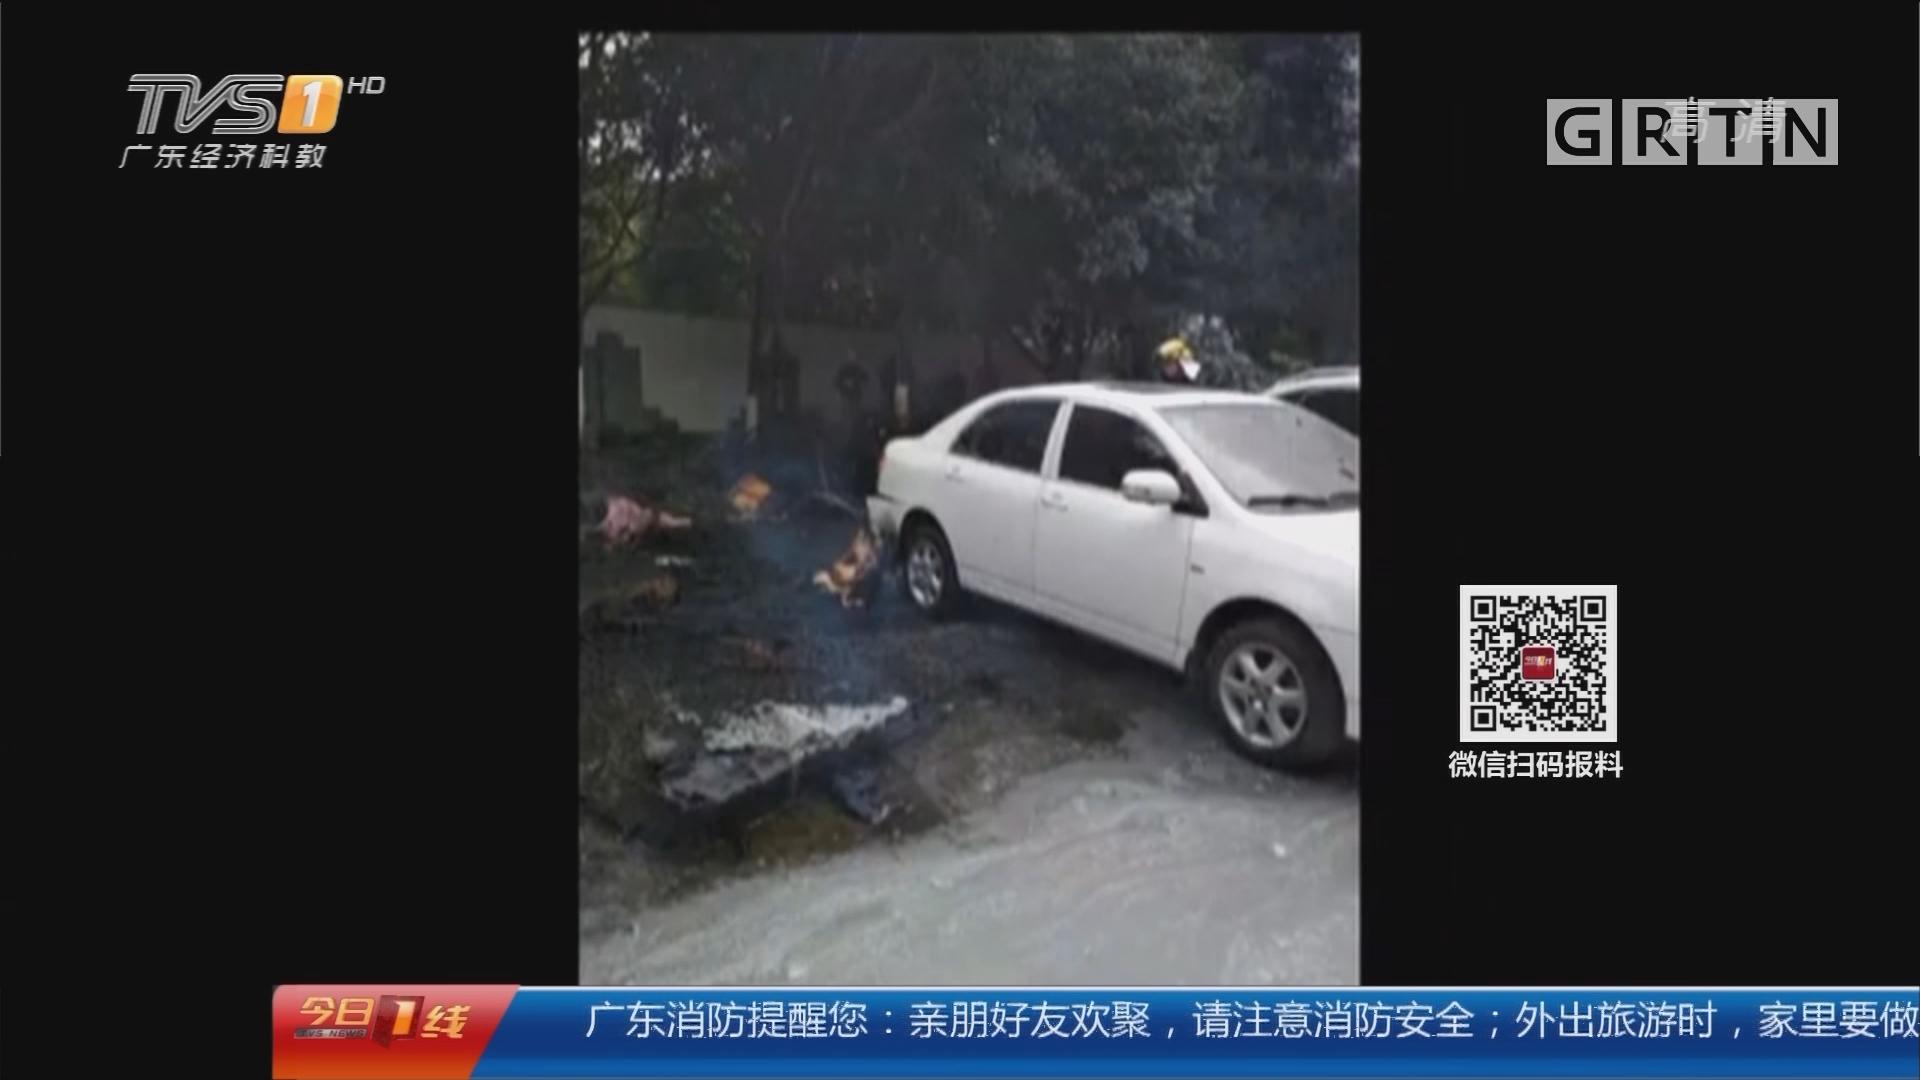 成都 熊孩子玩火烧五辆车 家长:不赔